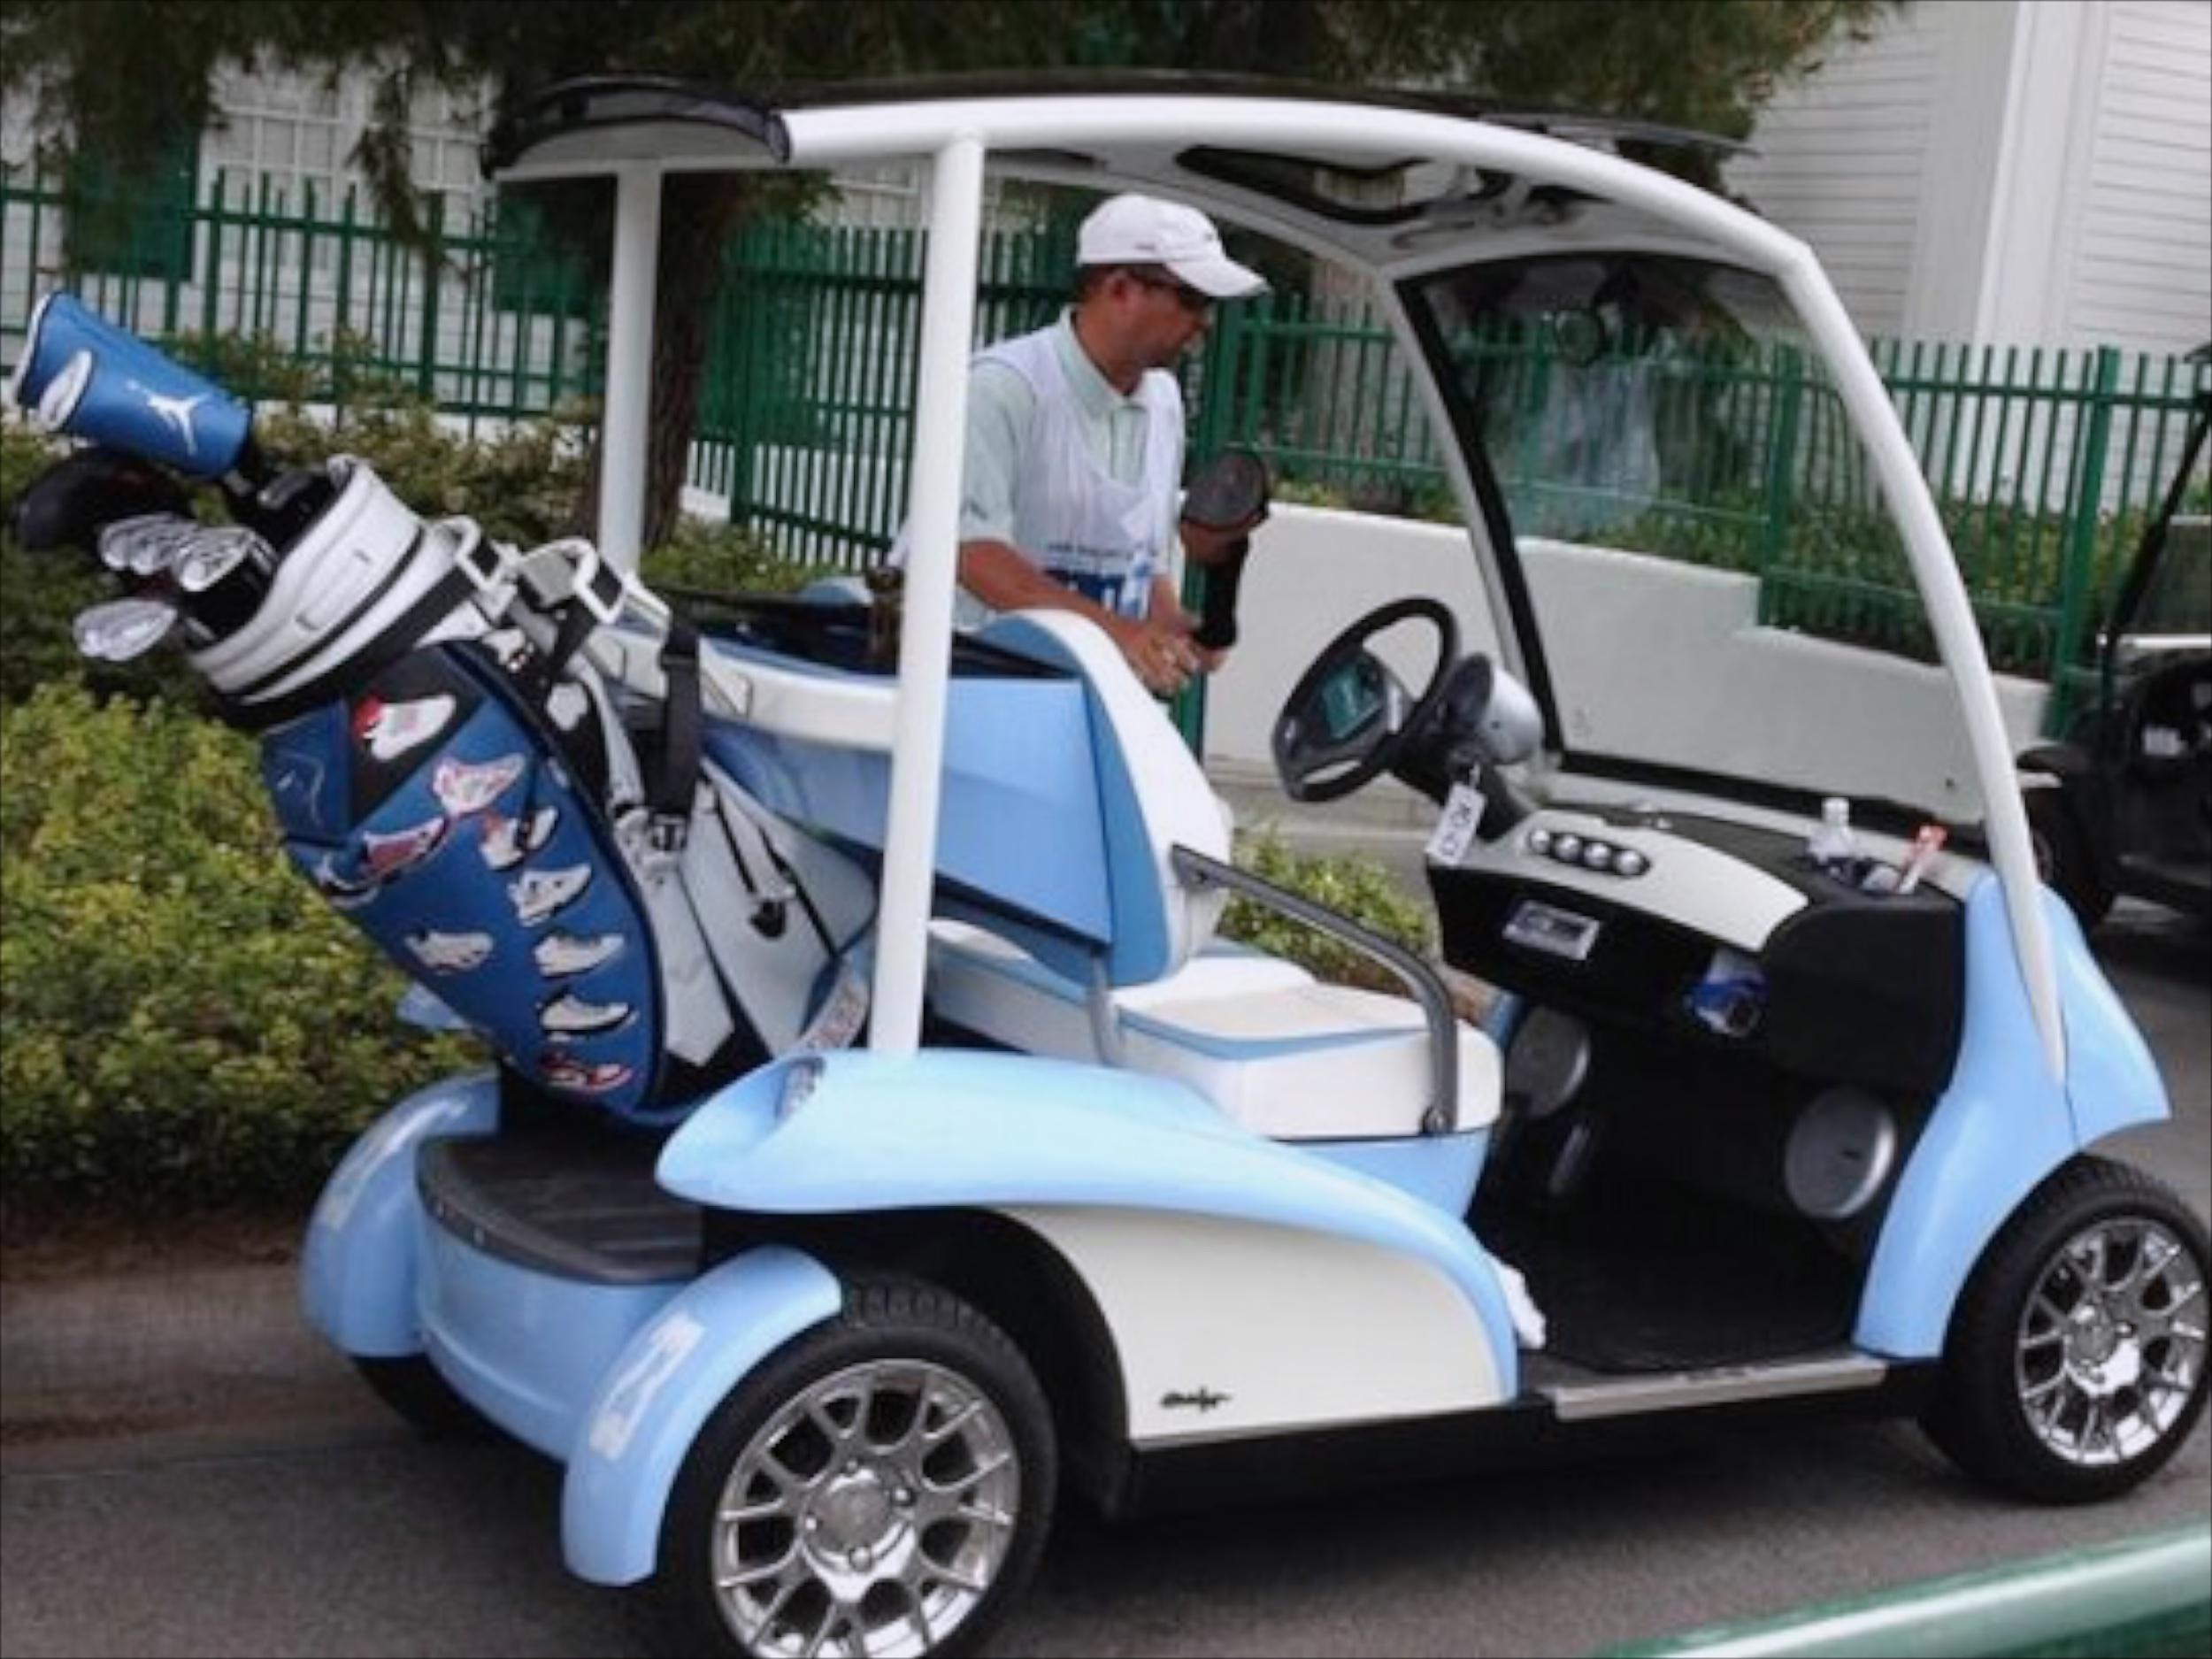 014_Michael Jordan Golf Car-michael-jordan-golf-cart 3.jpg